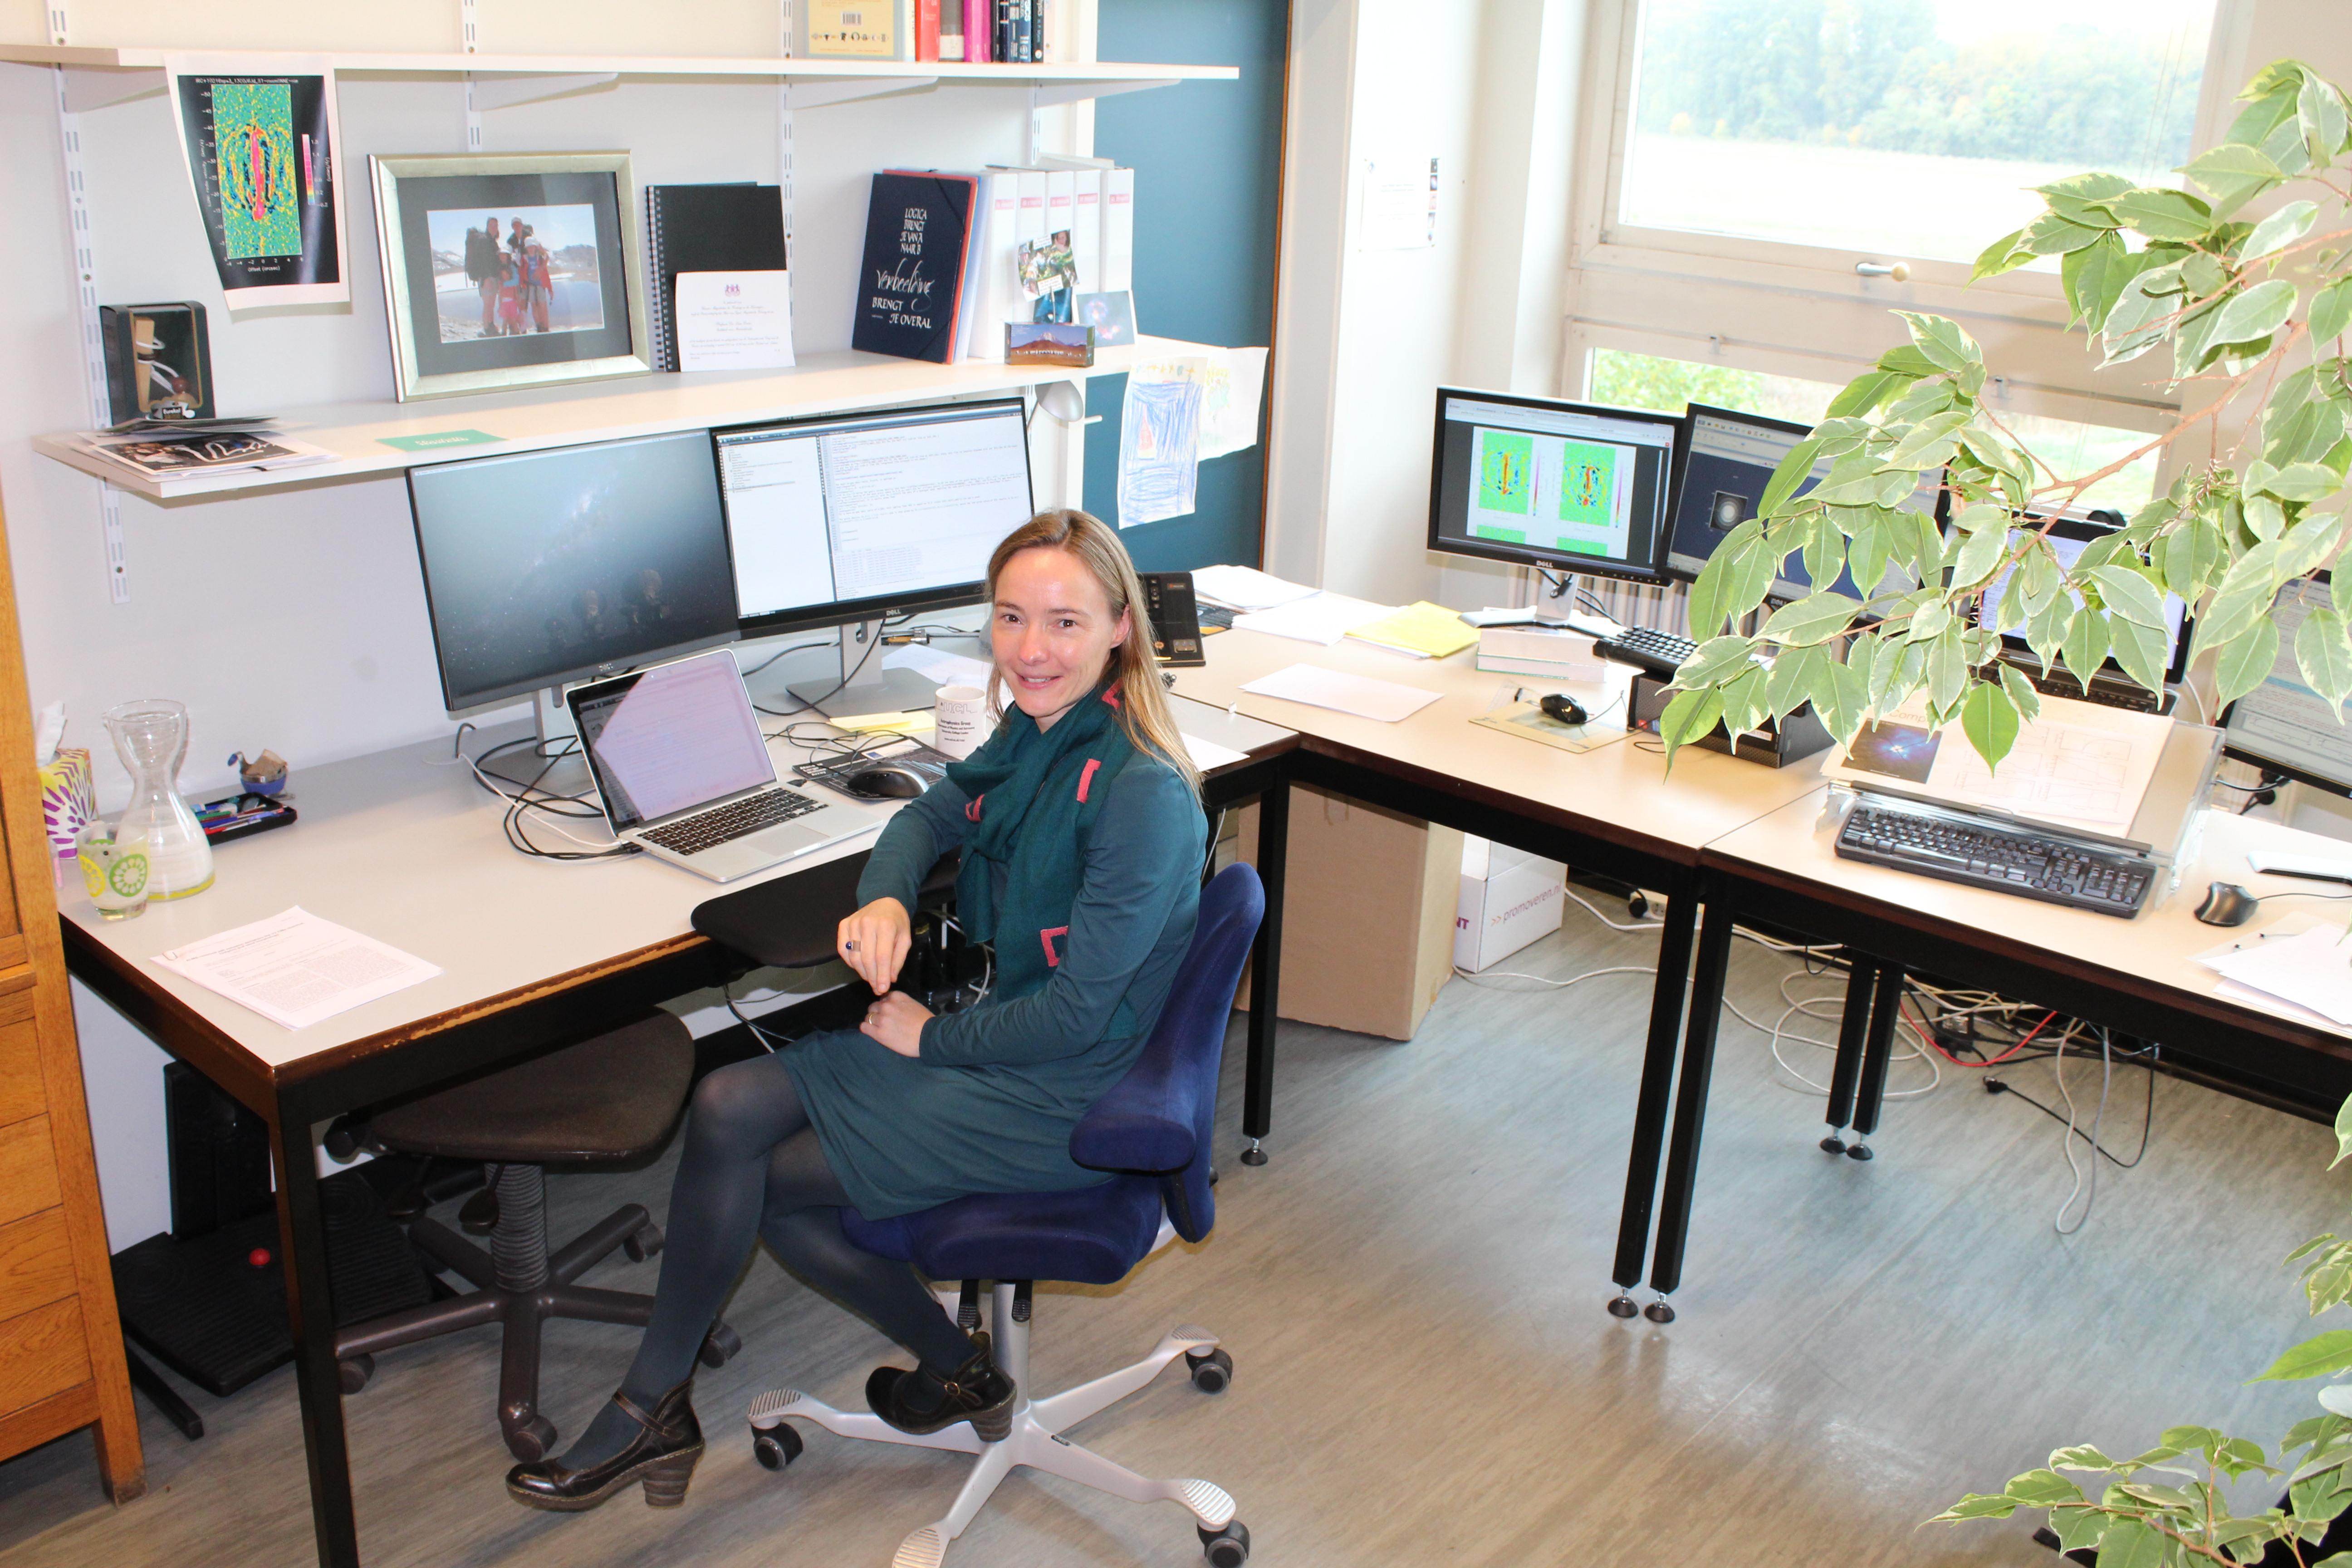 Leen Decin in haar biotoop. Futuristische wetenschap in een aftands gebouw. © LW